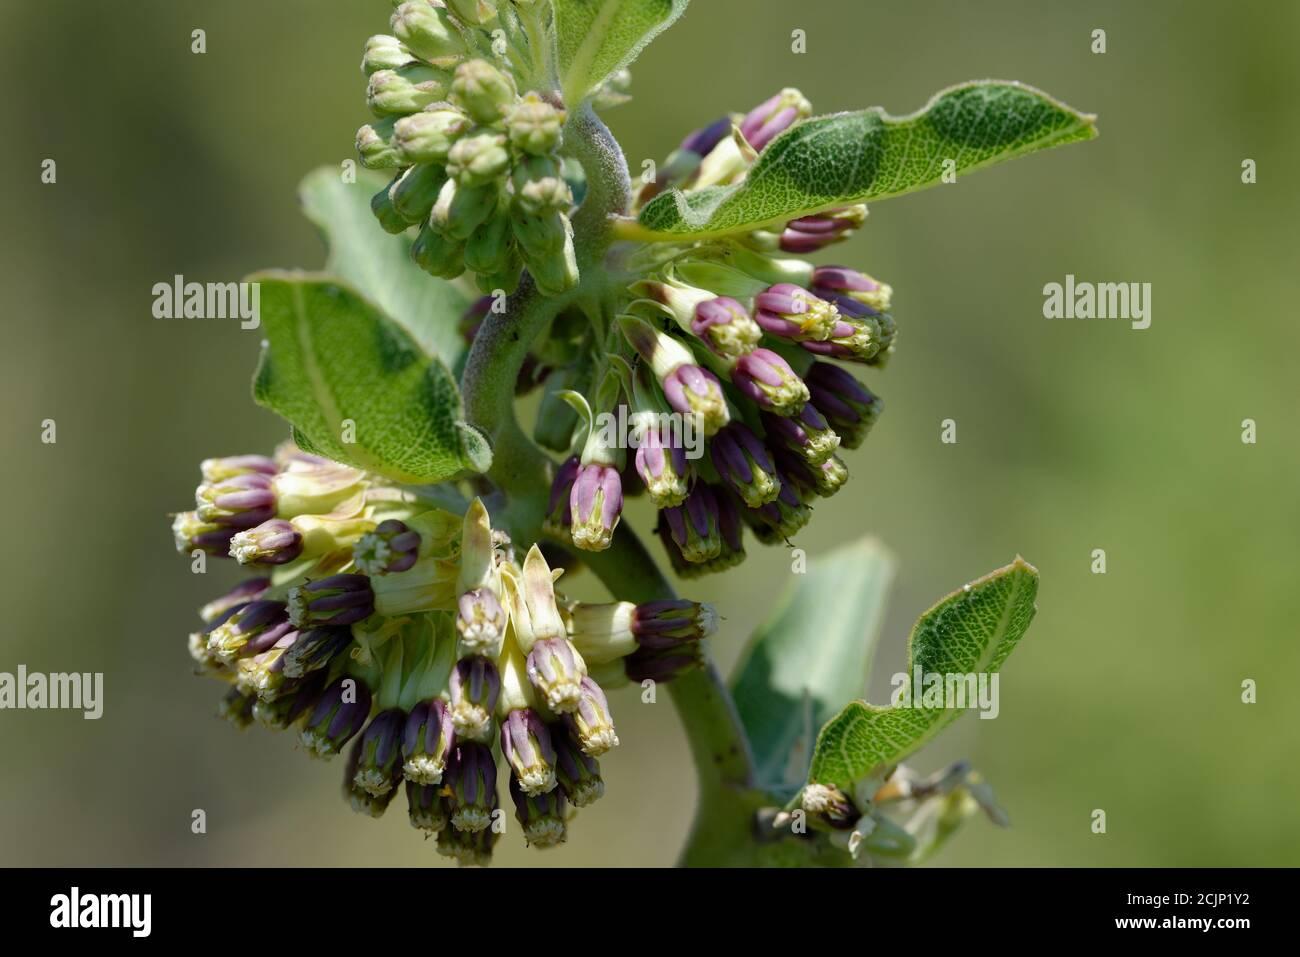 Verde-flor Milkweed, Foto de stock